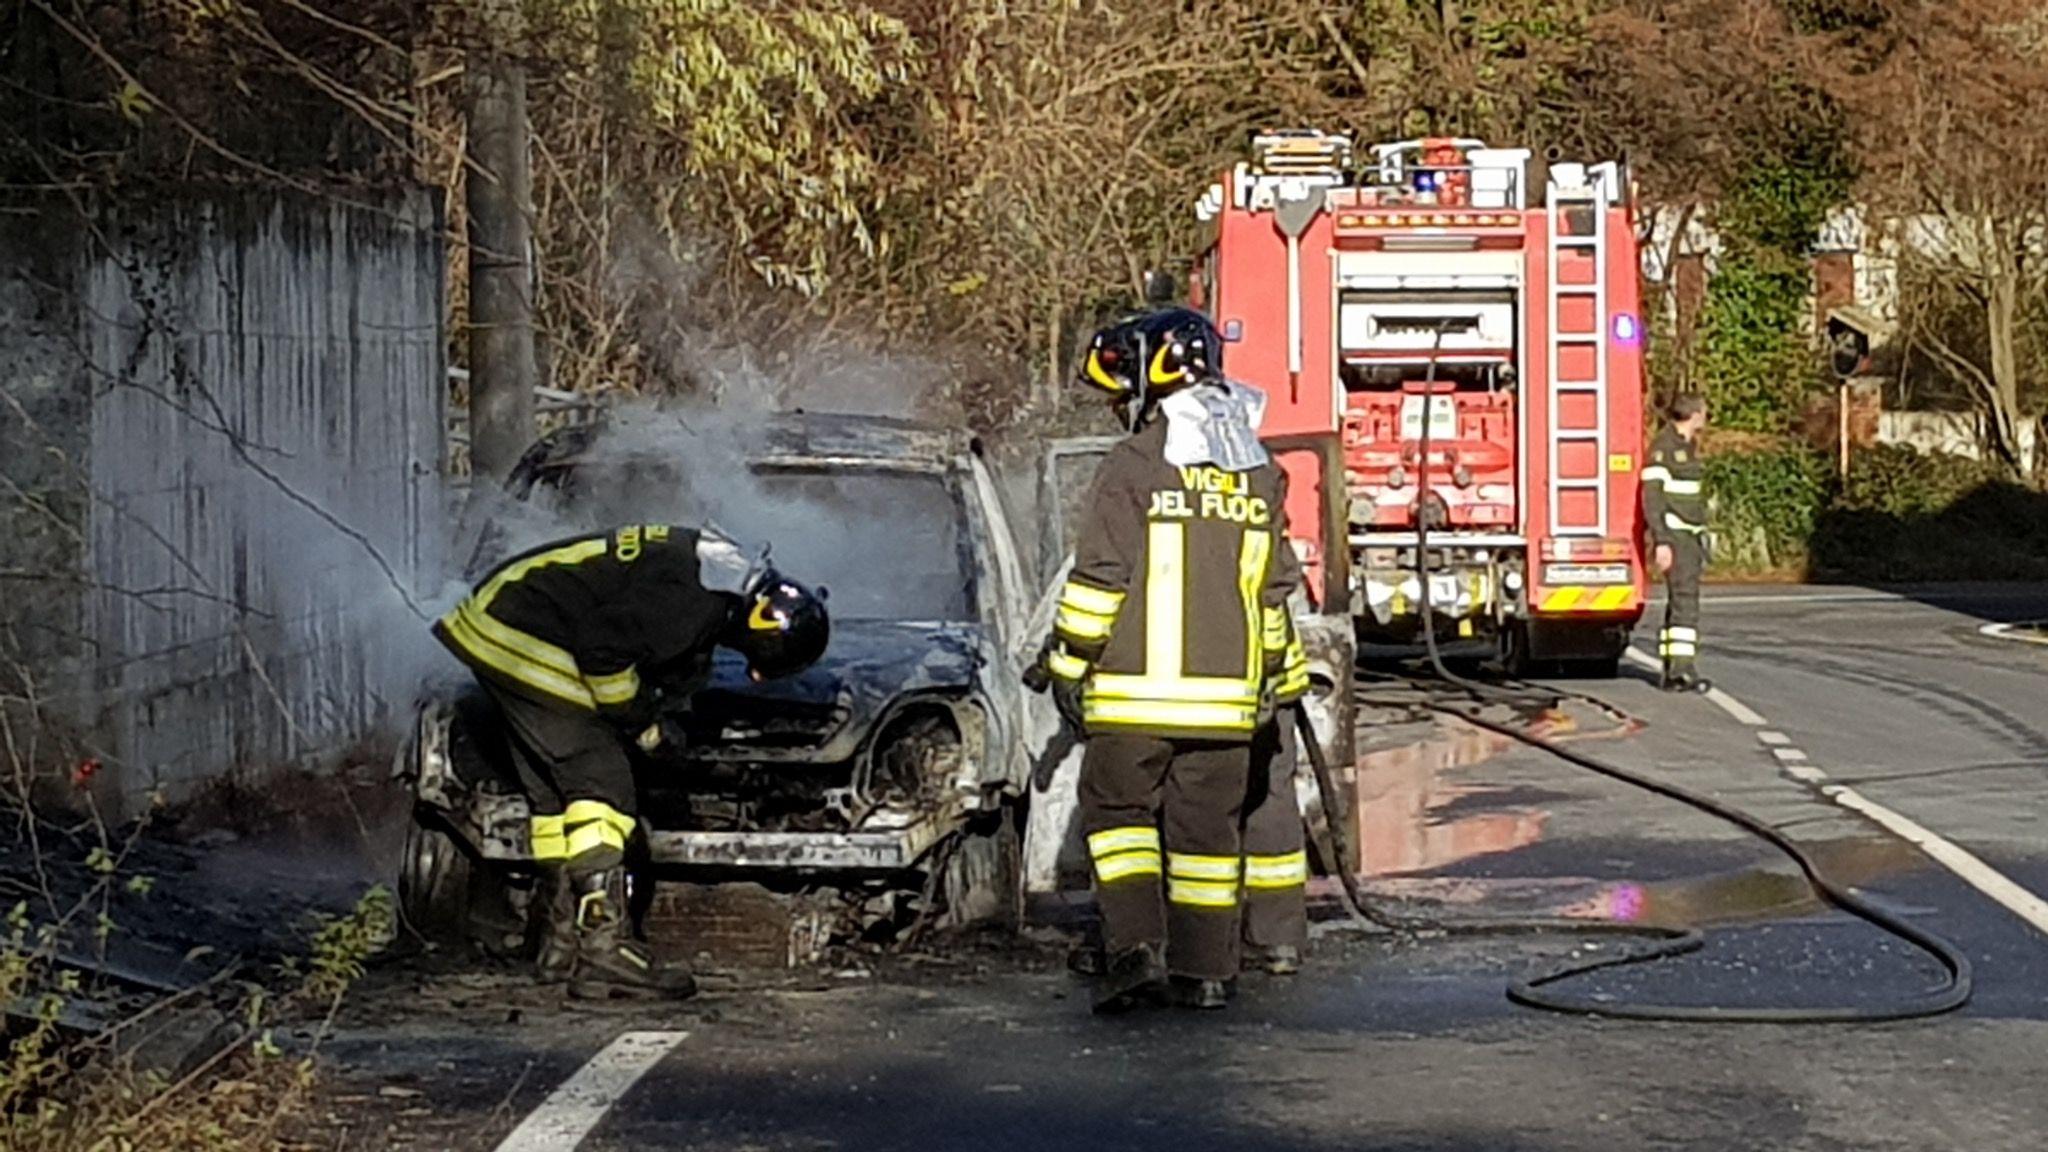 FORNO CANAVESE - Auto prende fuoco durante la marcia - FOTO